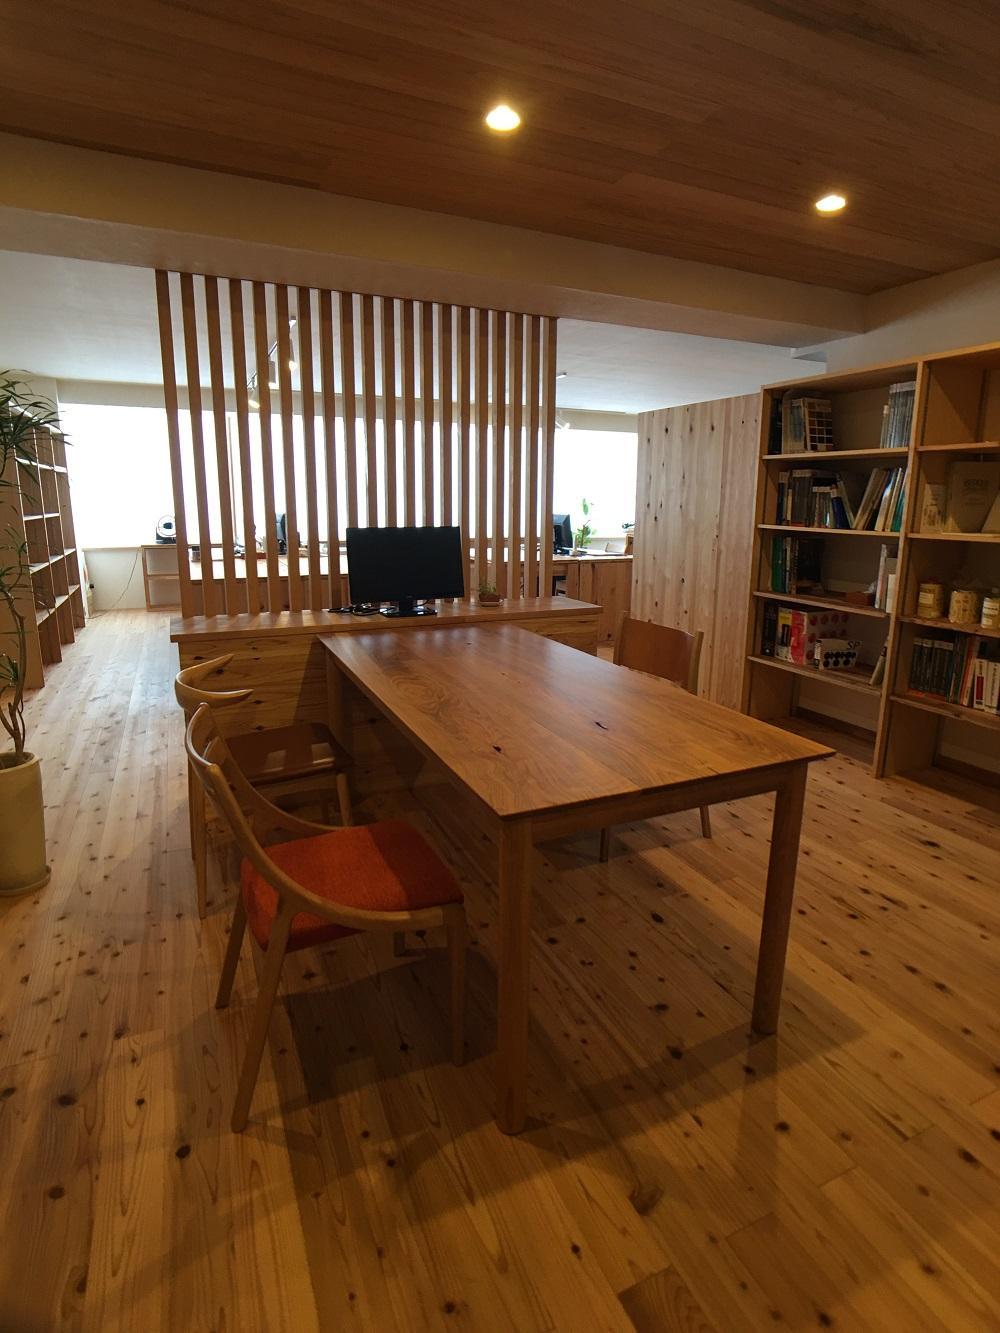 事務所は昭和レトロな雰囲気の4Fにあります。事務所内はマンションリノベーションの雰囲気が感じられるような素材を使っており、床は桧、壁は漆喰となっています。実際の素材イメージを体感していただけます。  またこれは夜しか確認できませんが、照明の光の「色」が蛍光灯のような白い色とオレンジっぽい暖かい色の2種類が体感できるようになっています。  山桜の打合せテーブルや種類が違う椅子など素敵な家具も楽しんでいただけます。